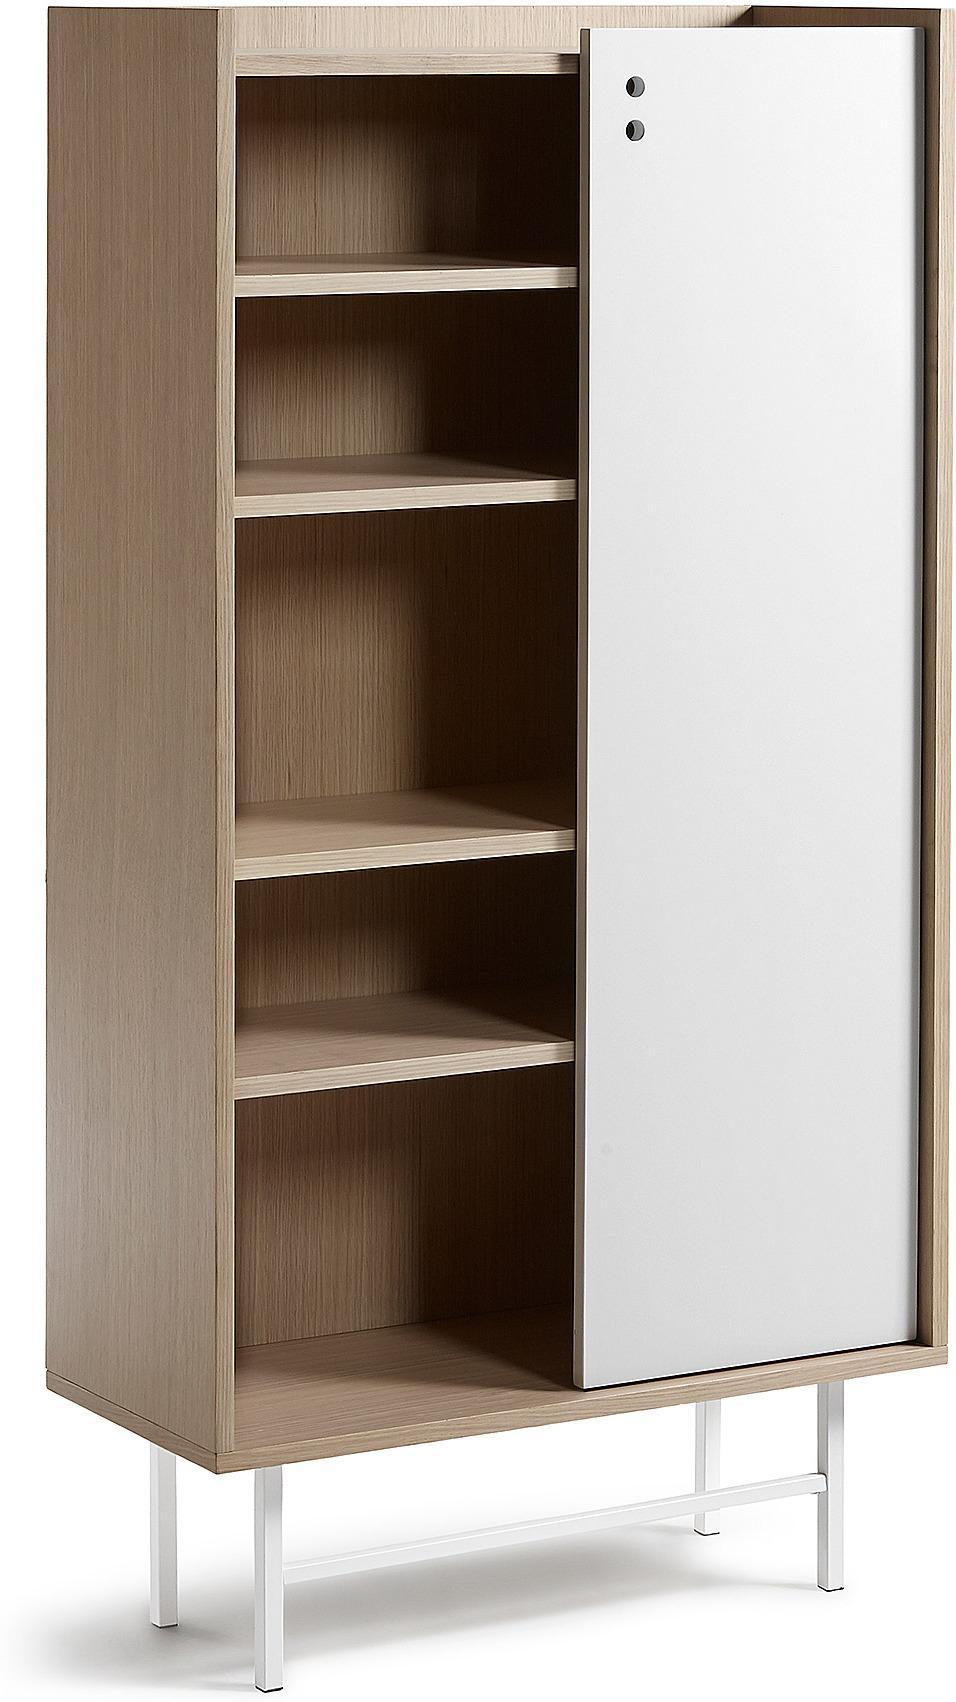 LaForma Bücherschrank Lish 180x54 Eiche Furnier MDF Weiß La Forma ...